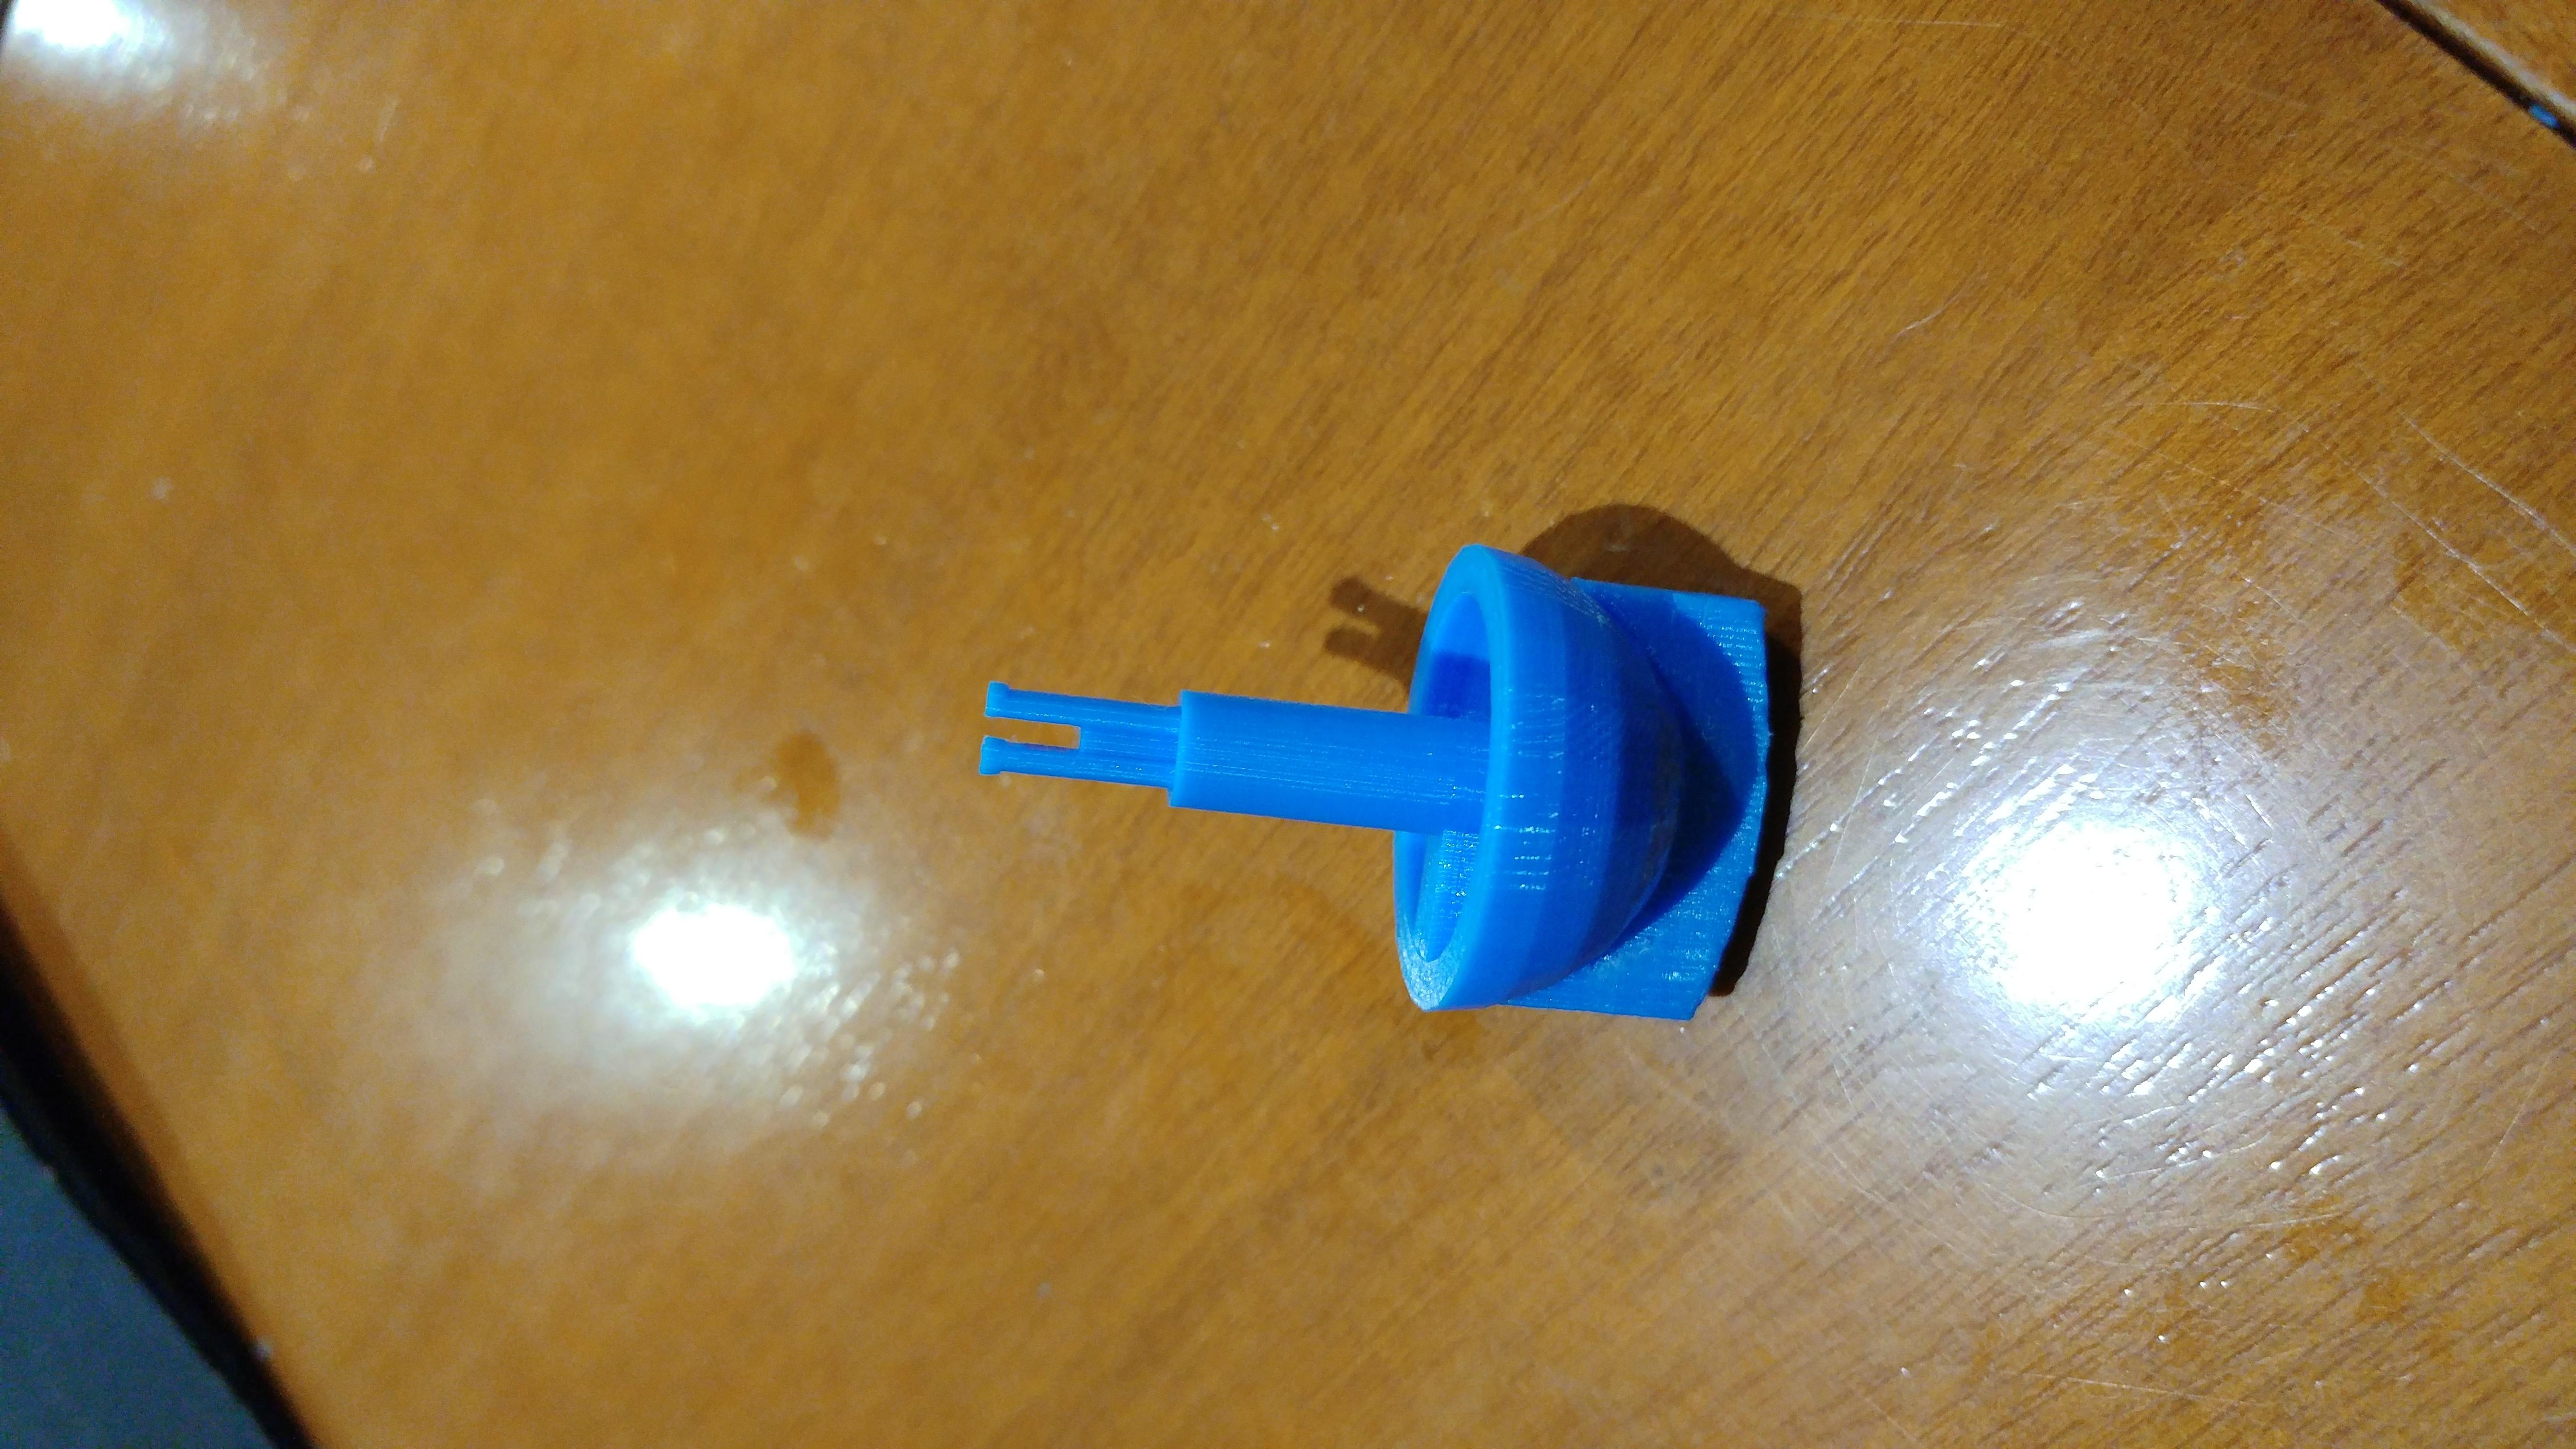 Mando2.jpg.jpg Télécharger fichier STL gratuit Sélecteur, Mando Calefacción • Objet pour imprimante 3D, celtarra12